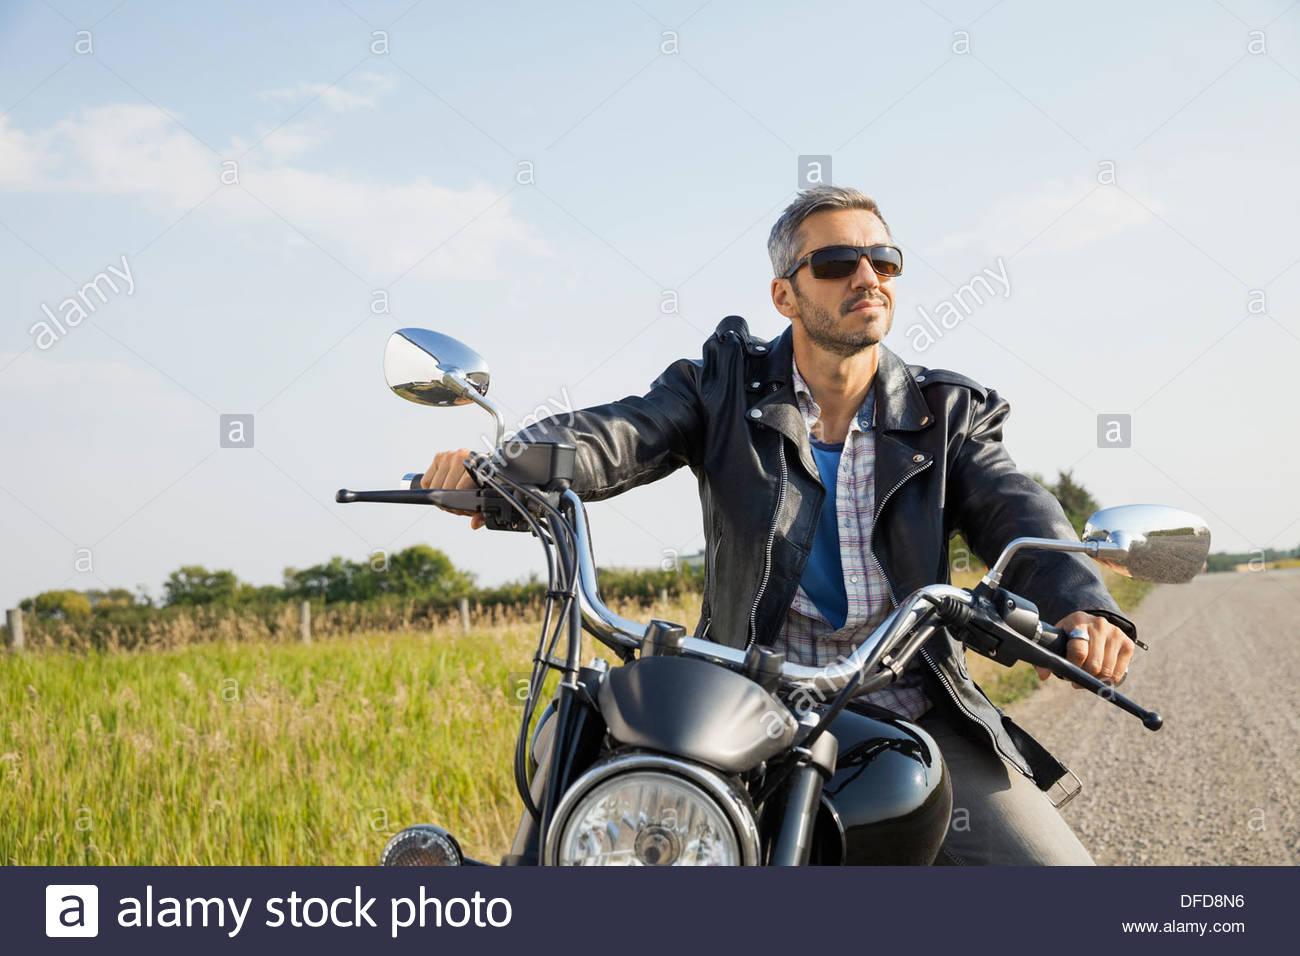 1900 mâle en faisant une pause dans le pays au cours de road trip Photo Stock